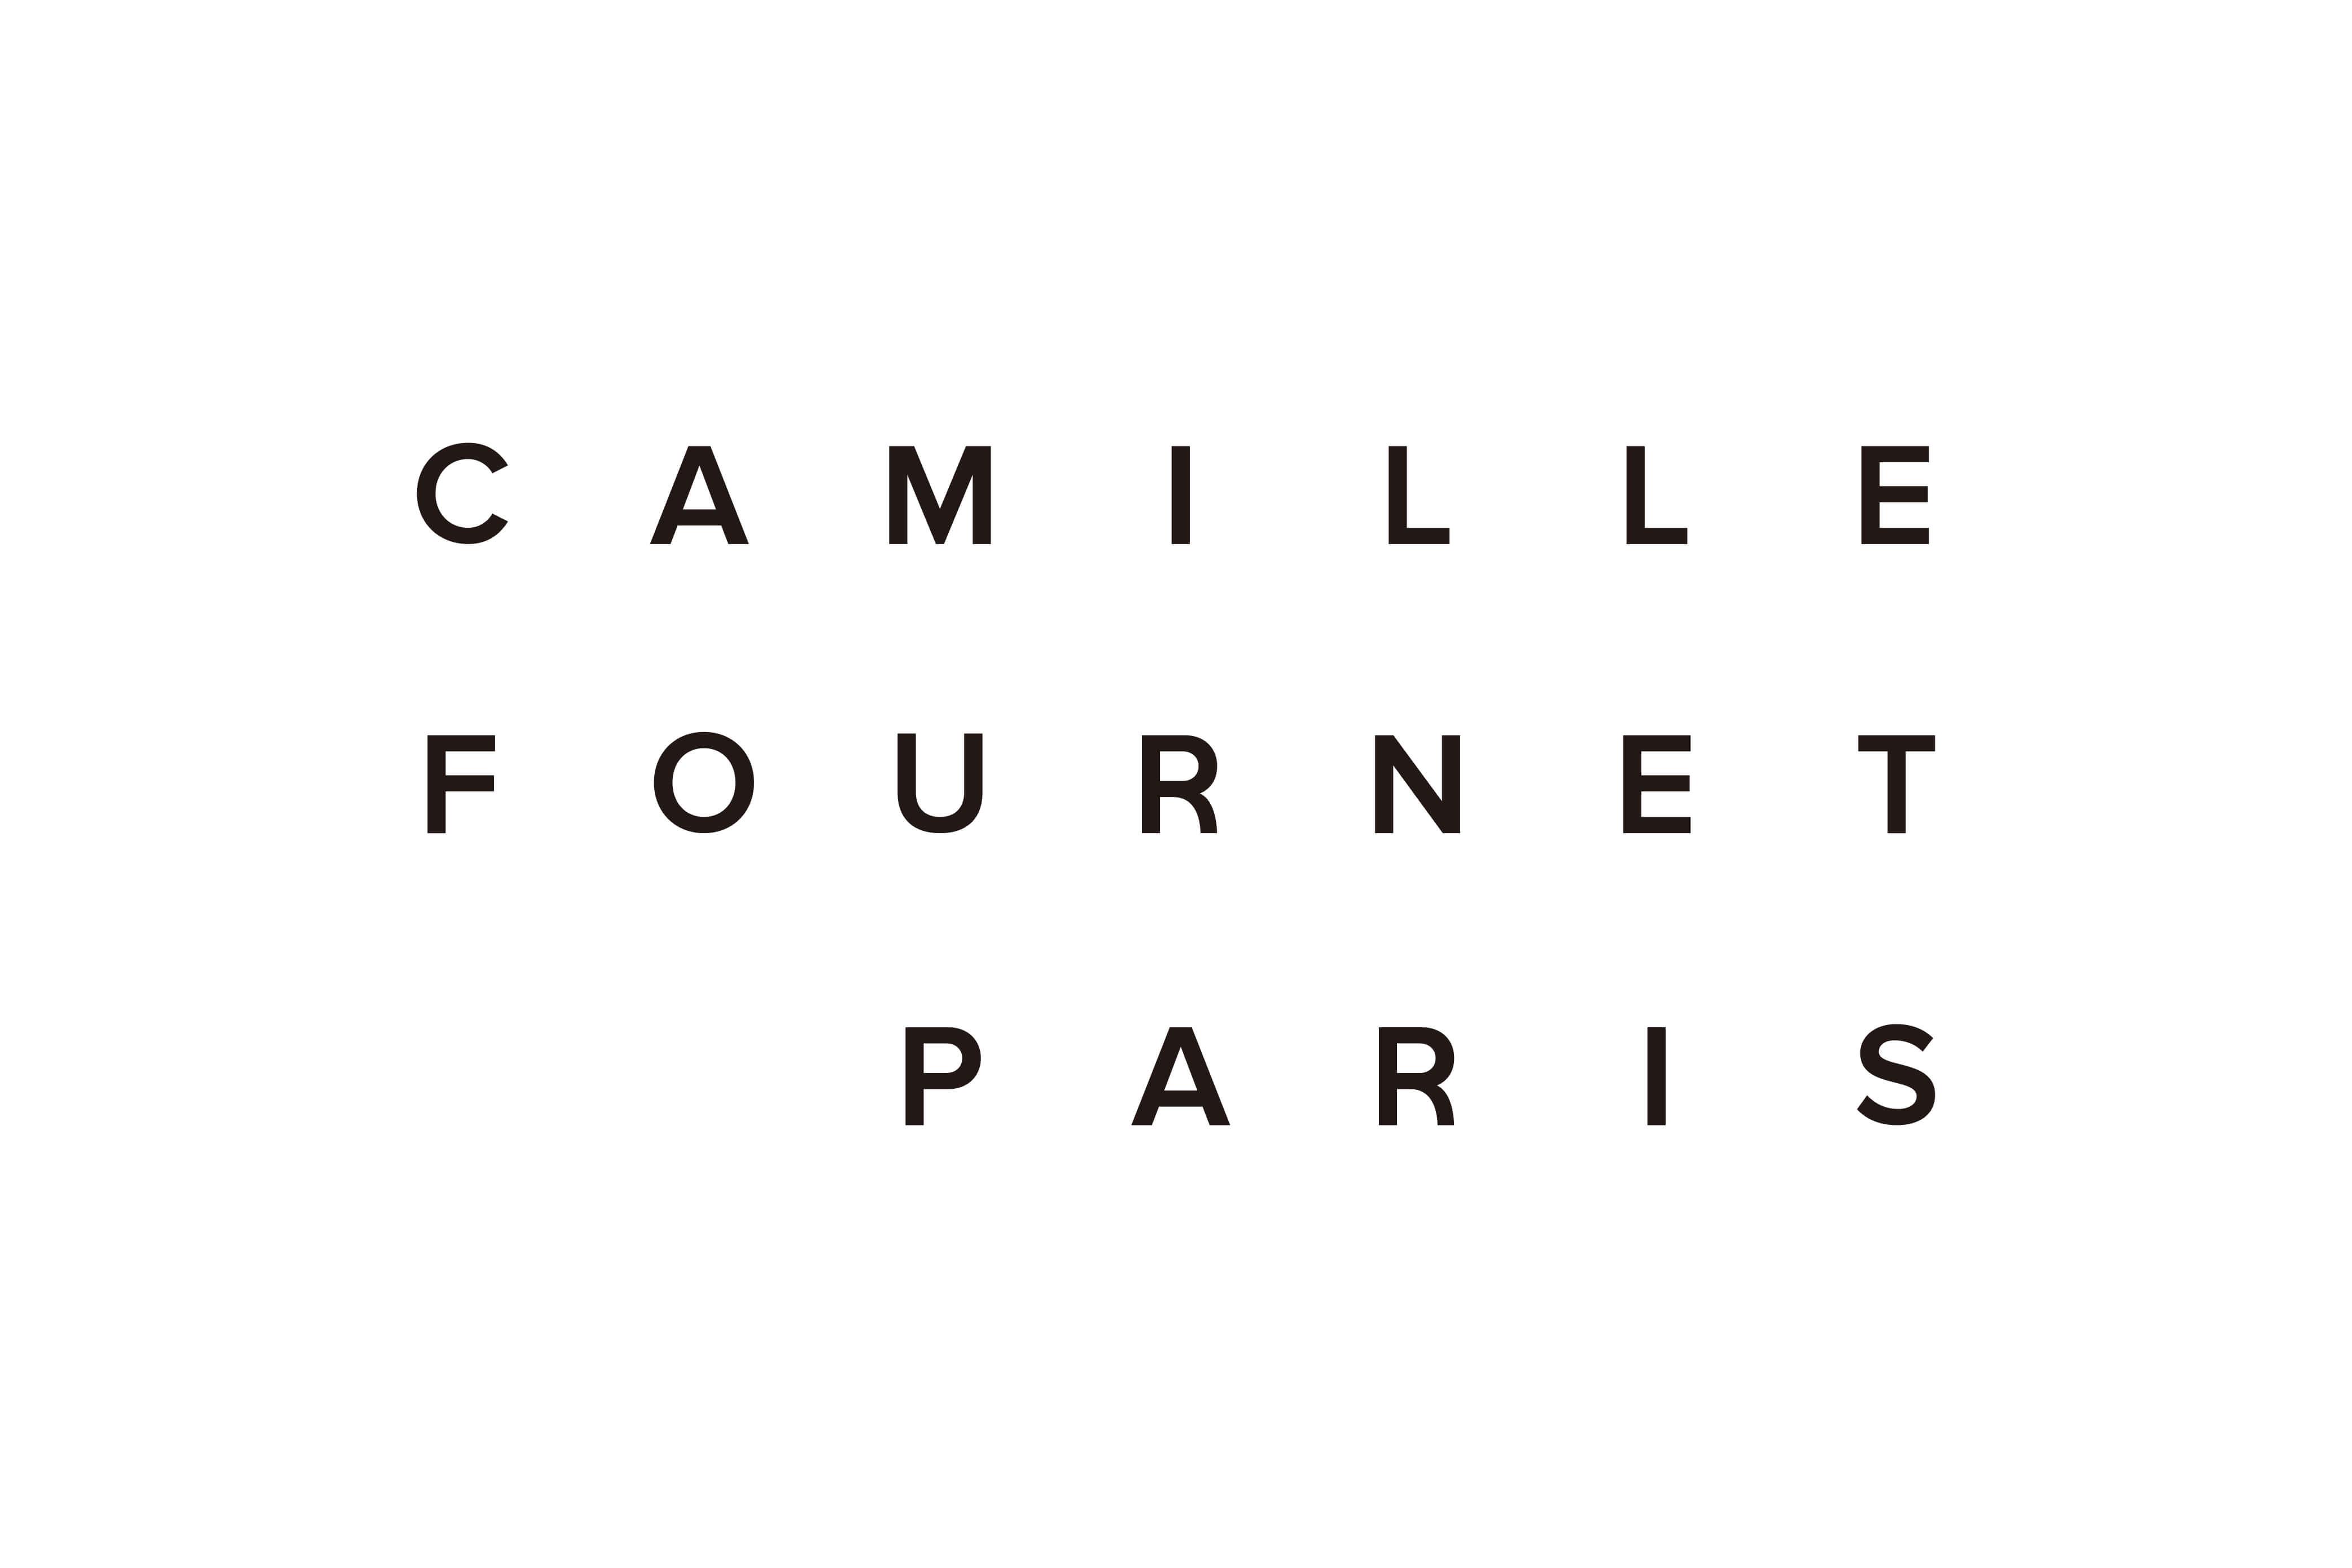 株式会社カミーユ・フォルネ ジャポンのロゴ写真